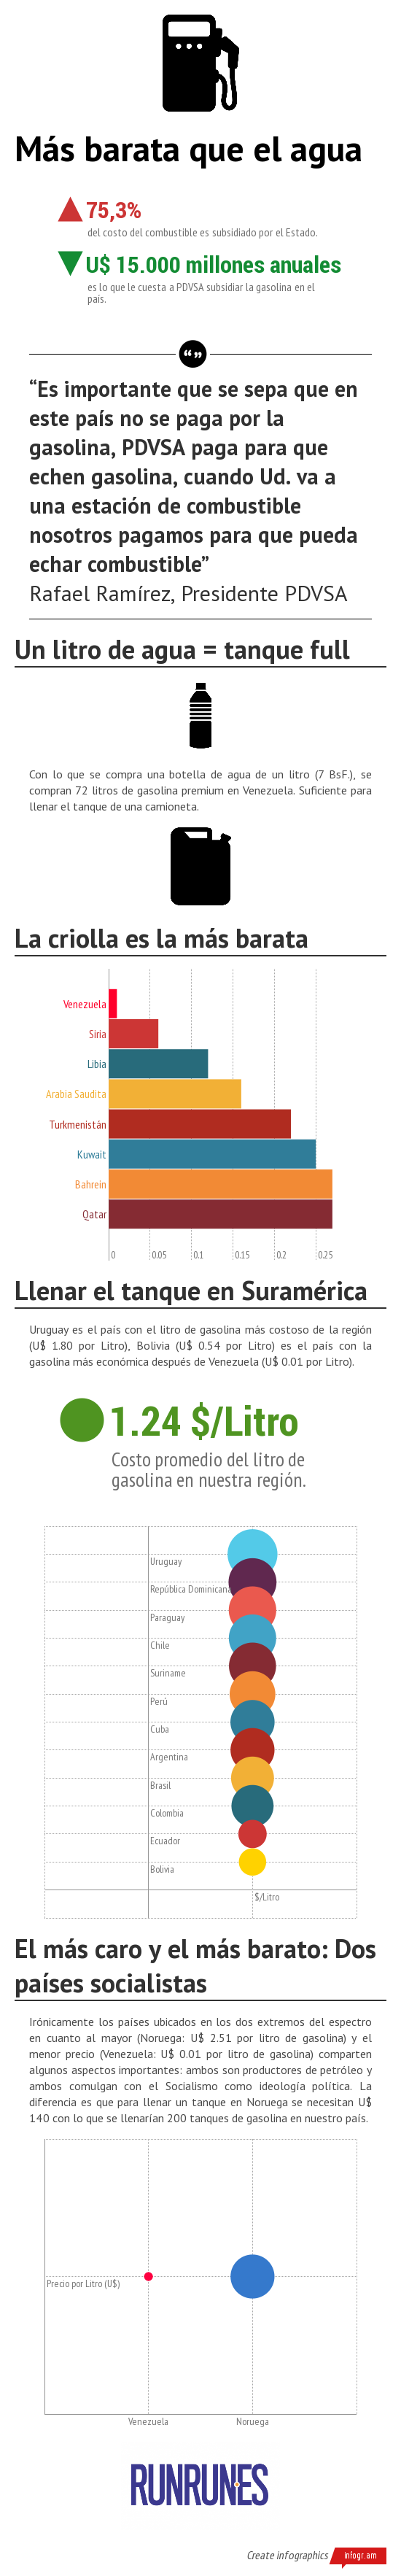 Más_barata_que_el_agua (2)